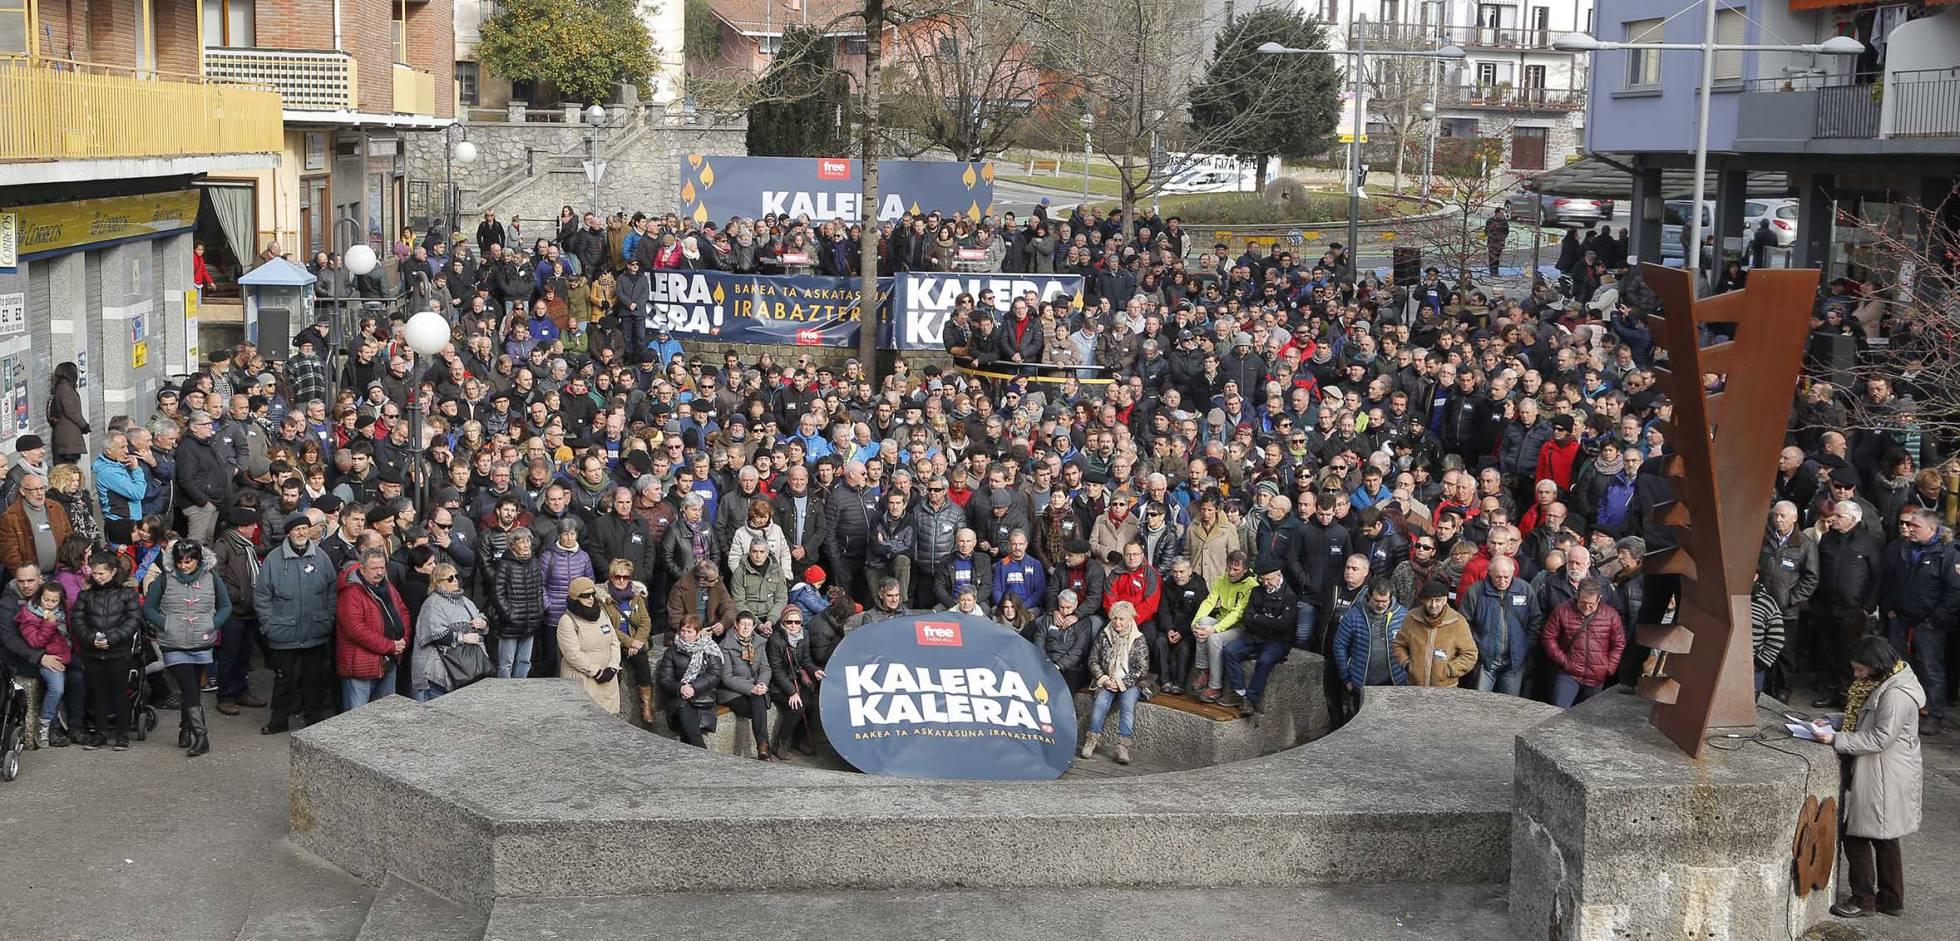 """Euskal Herria: Una multitud exige """"respeto a los derechos"""" de presos y exiliados. [vídeo] - Página 2 1483878418_903537_1483882048_noticia_normal_recorte1"""